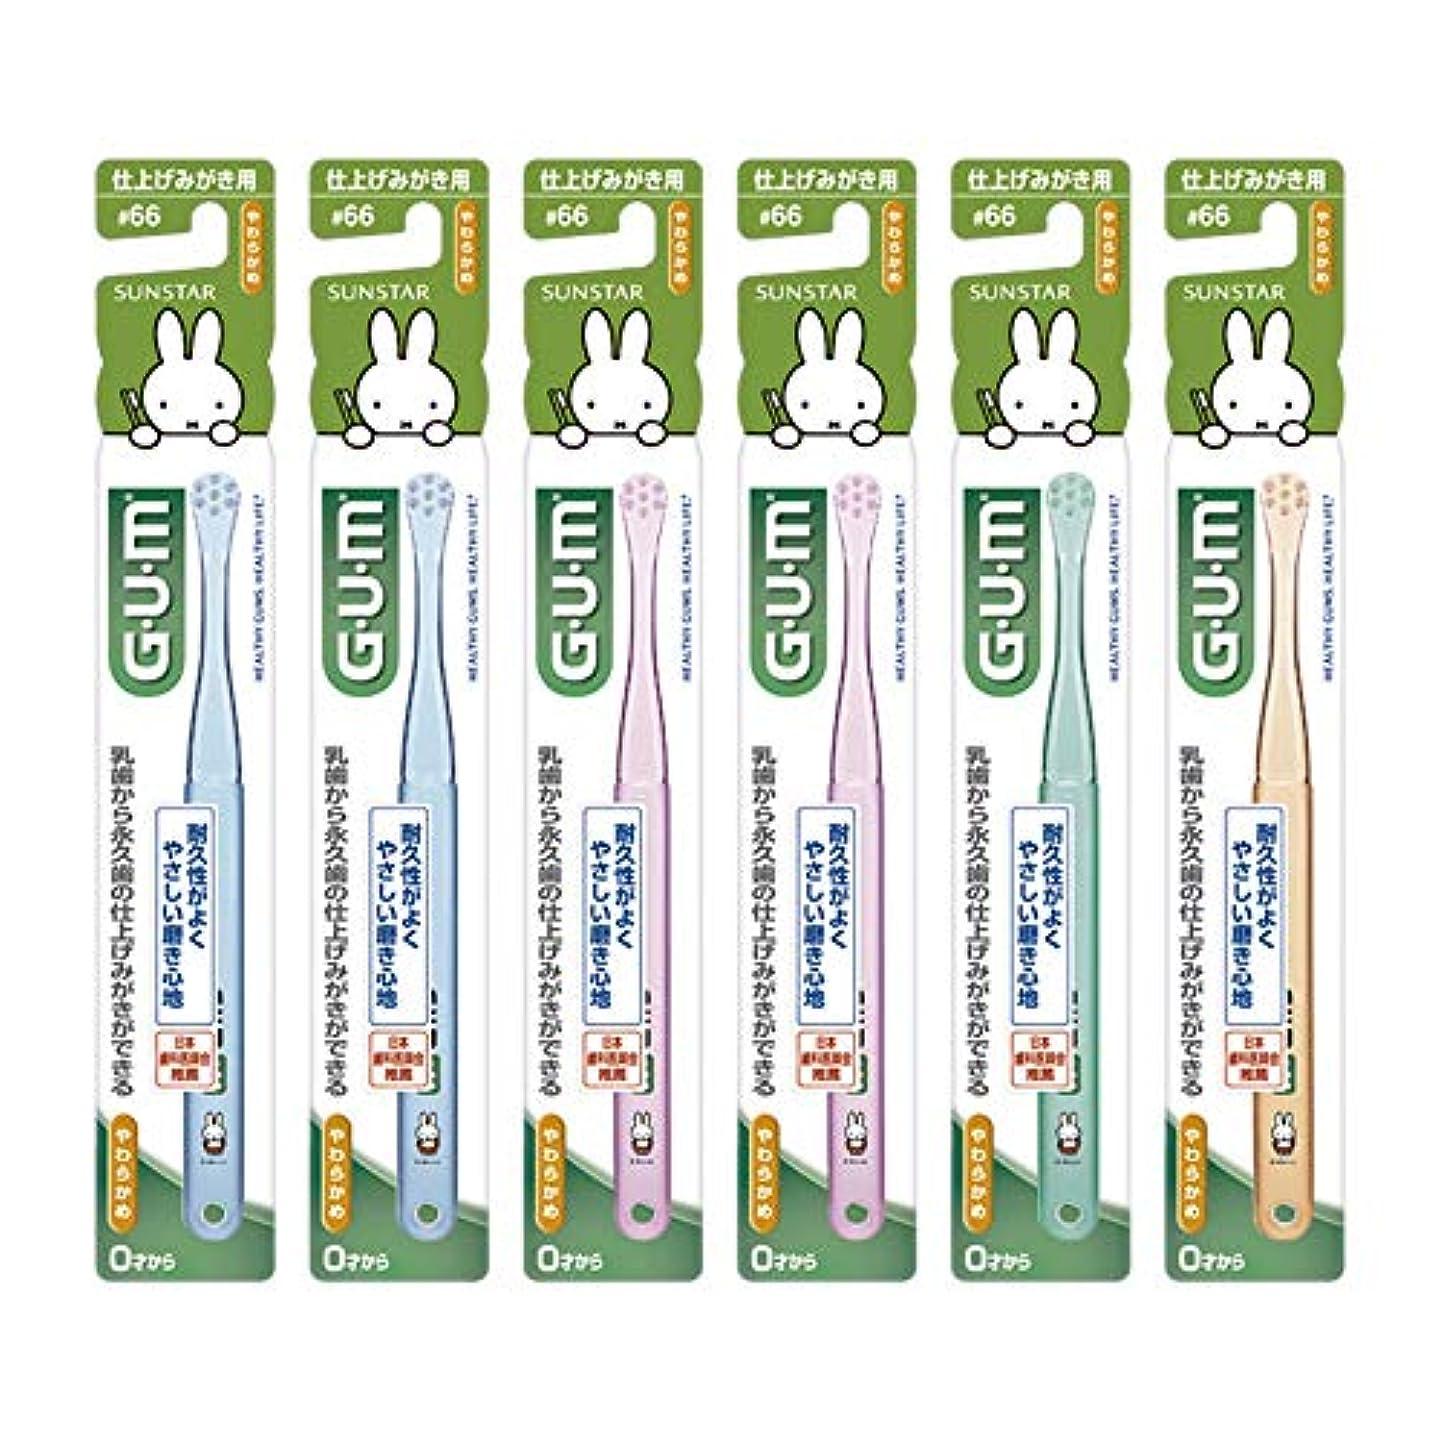 キャップ代替パンチGUM(ガム) デンタル こども 歯ブラシ #66 [仕上げみがき用/やわらかめ] 6本パック+ おまけつき【Amazon.co.jp限定】